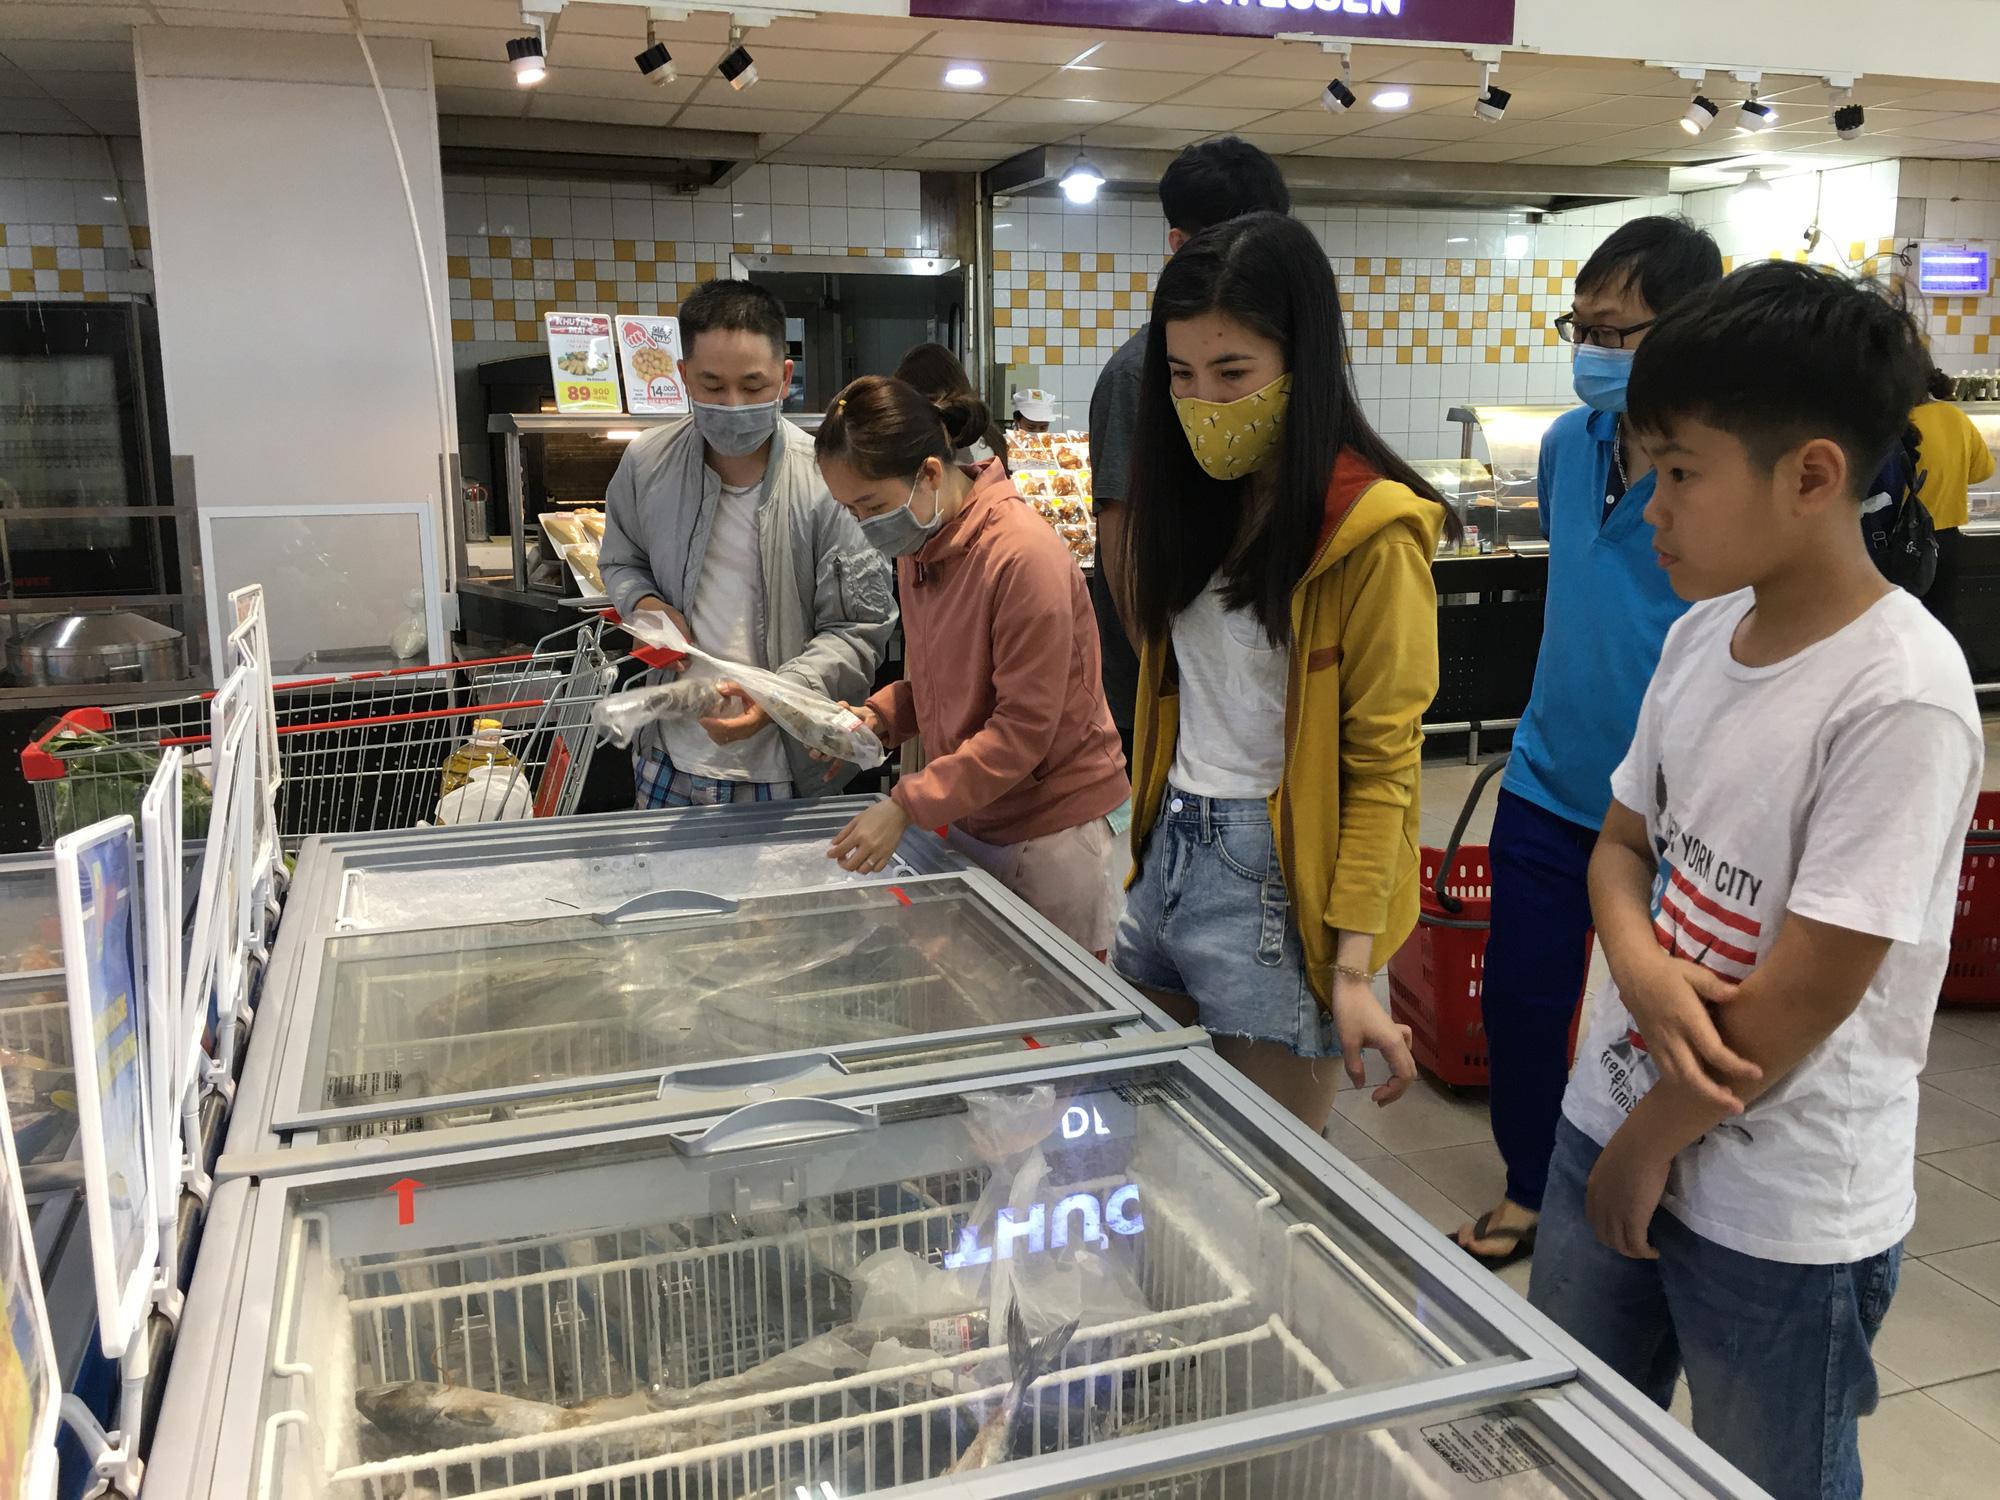 Giải cứu tôm hùm ở Đà Nẵng: Sức mua nhẹ, người dân muốn mua loại còn sống nhưng chỉ có hàng đông lạnh - Ảnh 7.